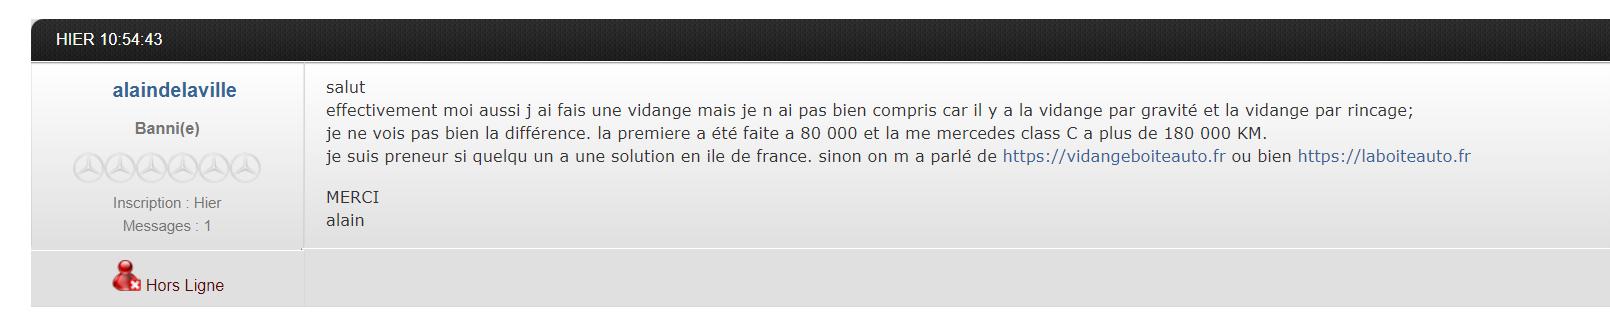 vidangeboiteauto_fr-publication-de-faux-avis.png